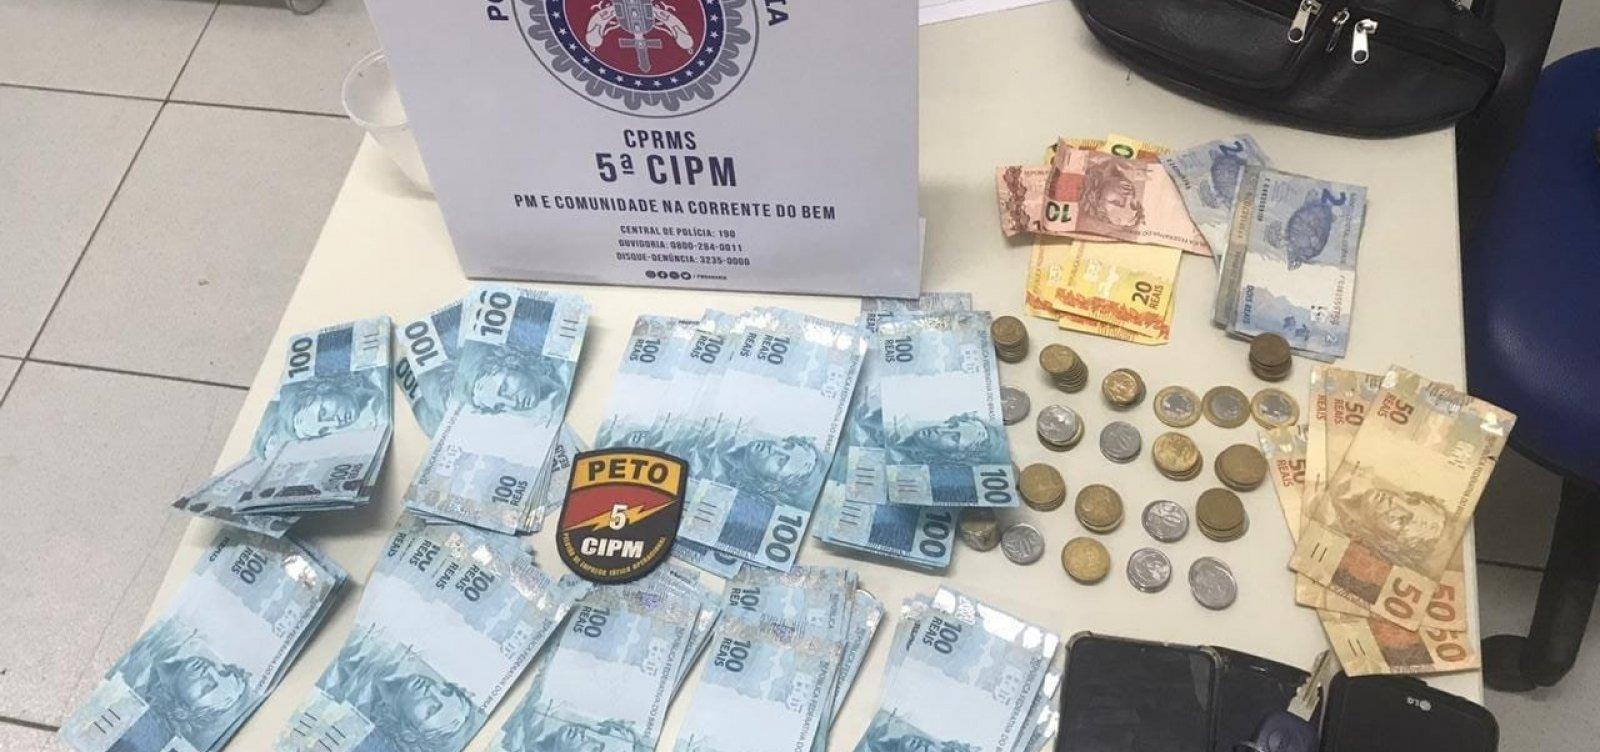 [Turistas de Minas Gerais são detidos com R$ 9 mil em notas falsas em Vera Cruz]